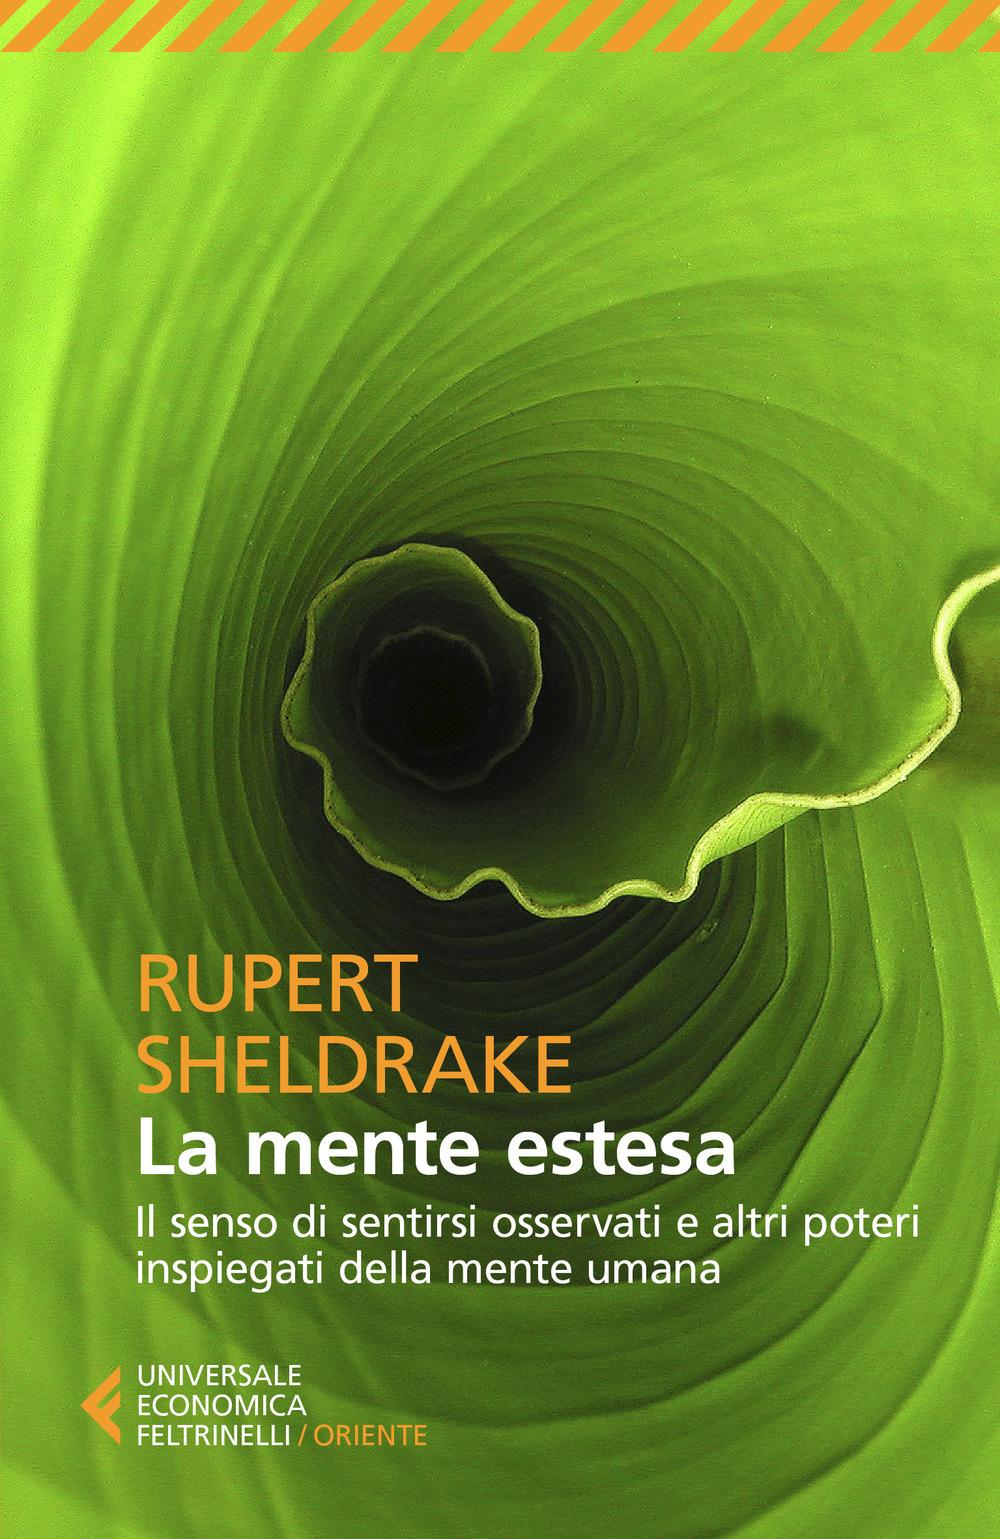 MENTE ESTESA. IL SENSO DI SENTIRSI OSSERVATI E ALTRI POTERI INSPIEGATI DELLA MENTE UMANA (LA) - Sheldrake Rupert; Massignan M. (cur.) - 9788807891090